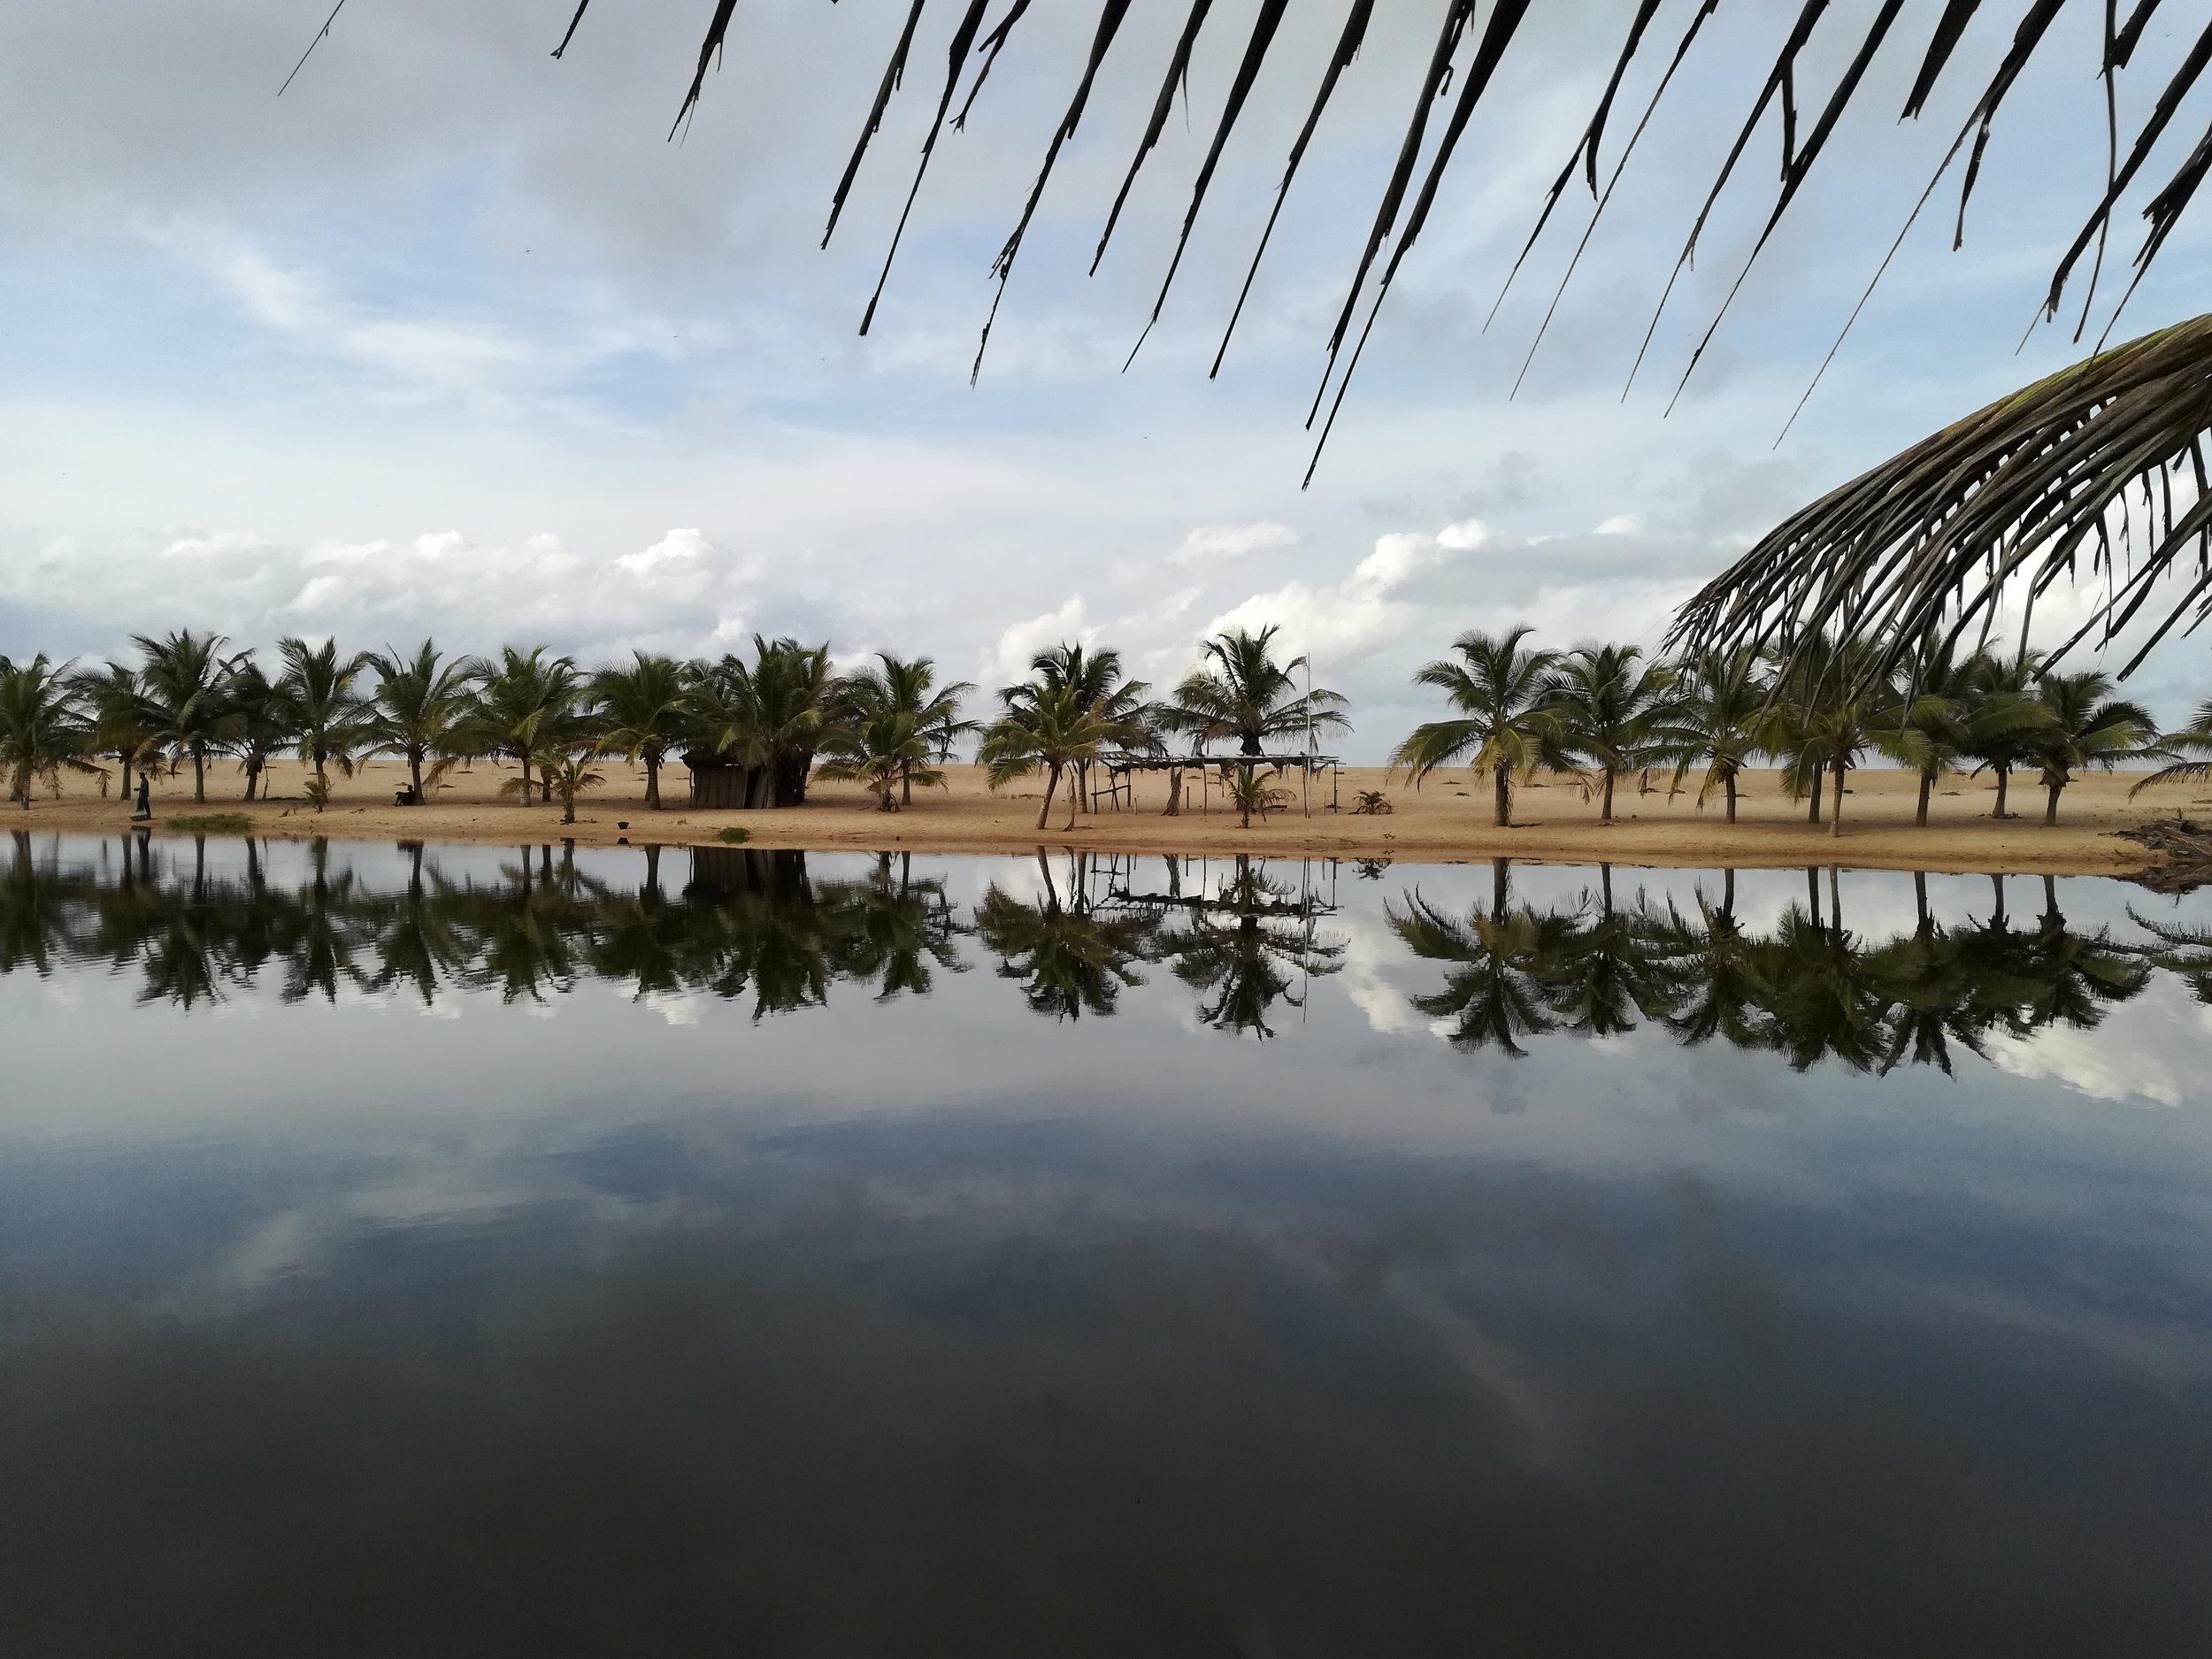 West Afrika Transborders - 14 Days